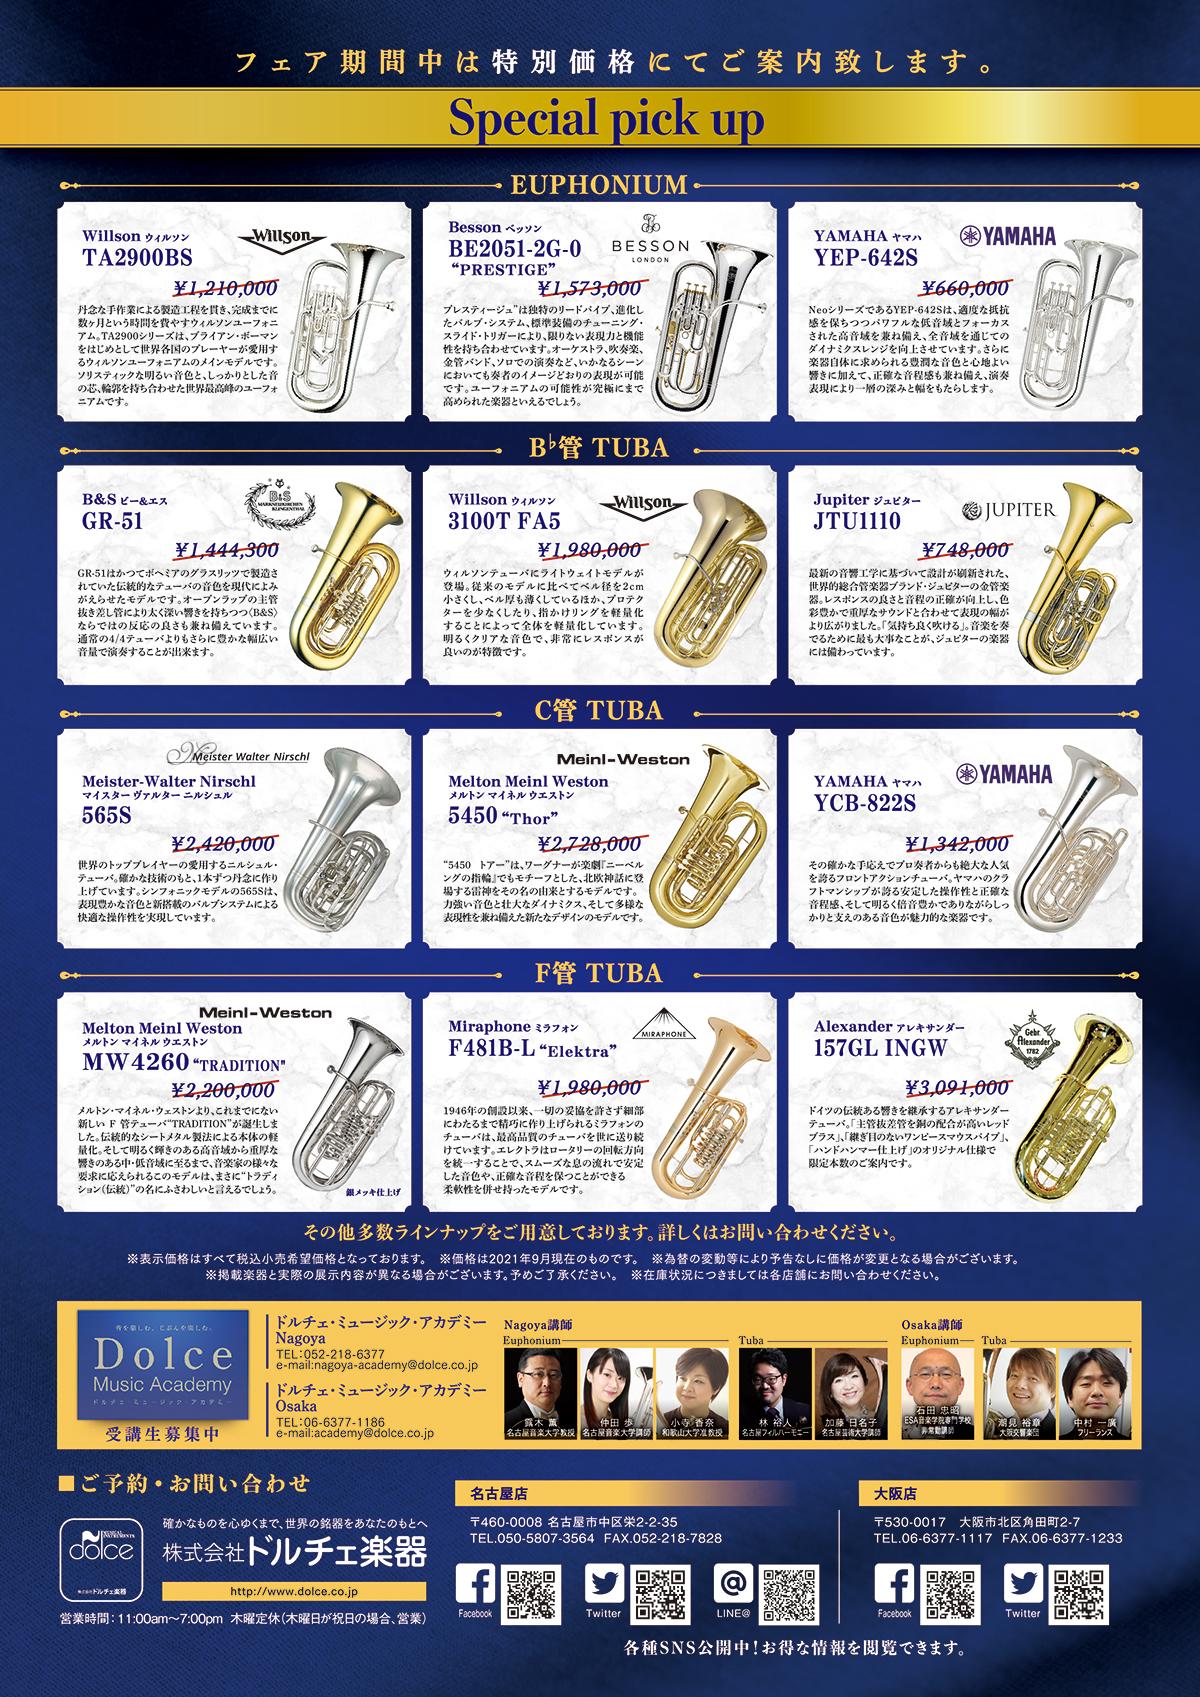 名古屋&大阪EUPH&TUBAフェアチラシ表